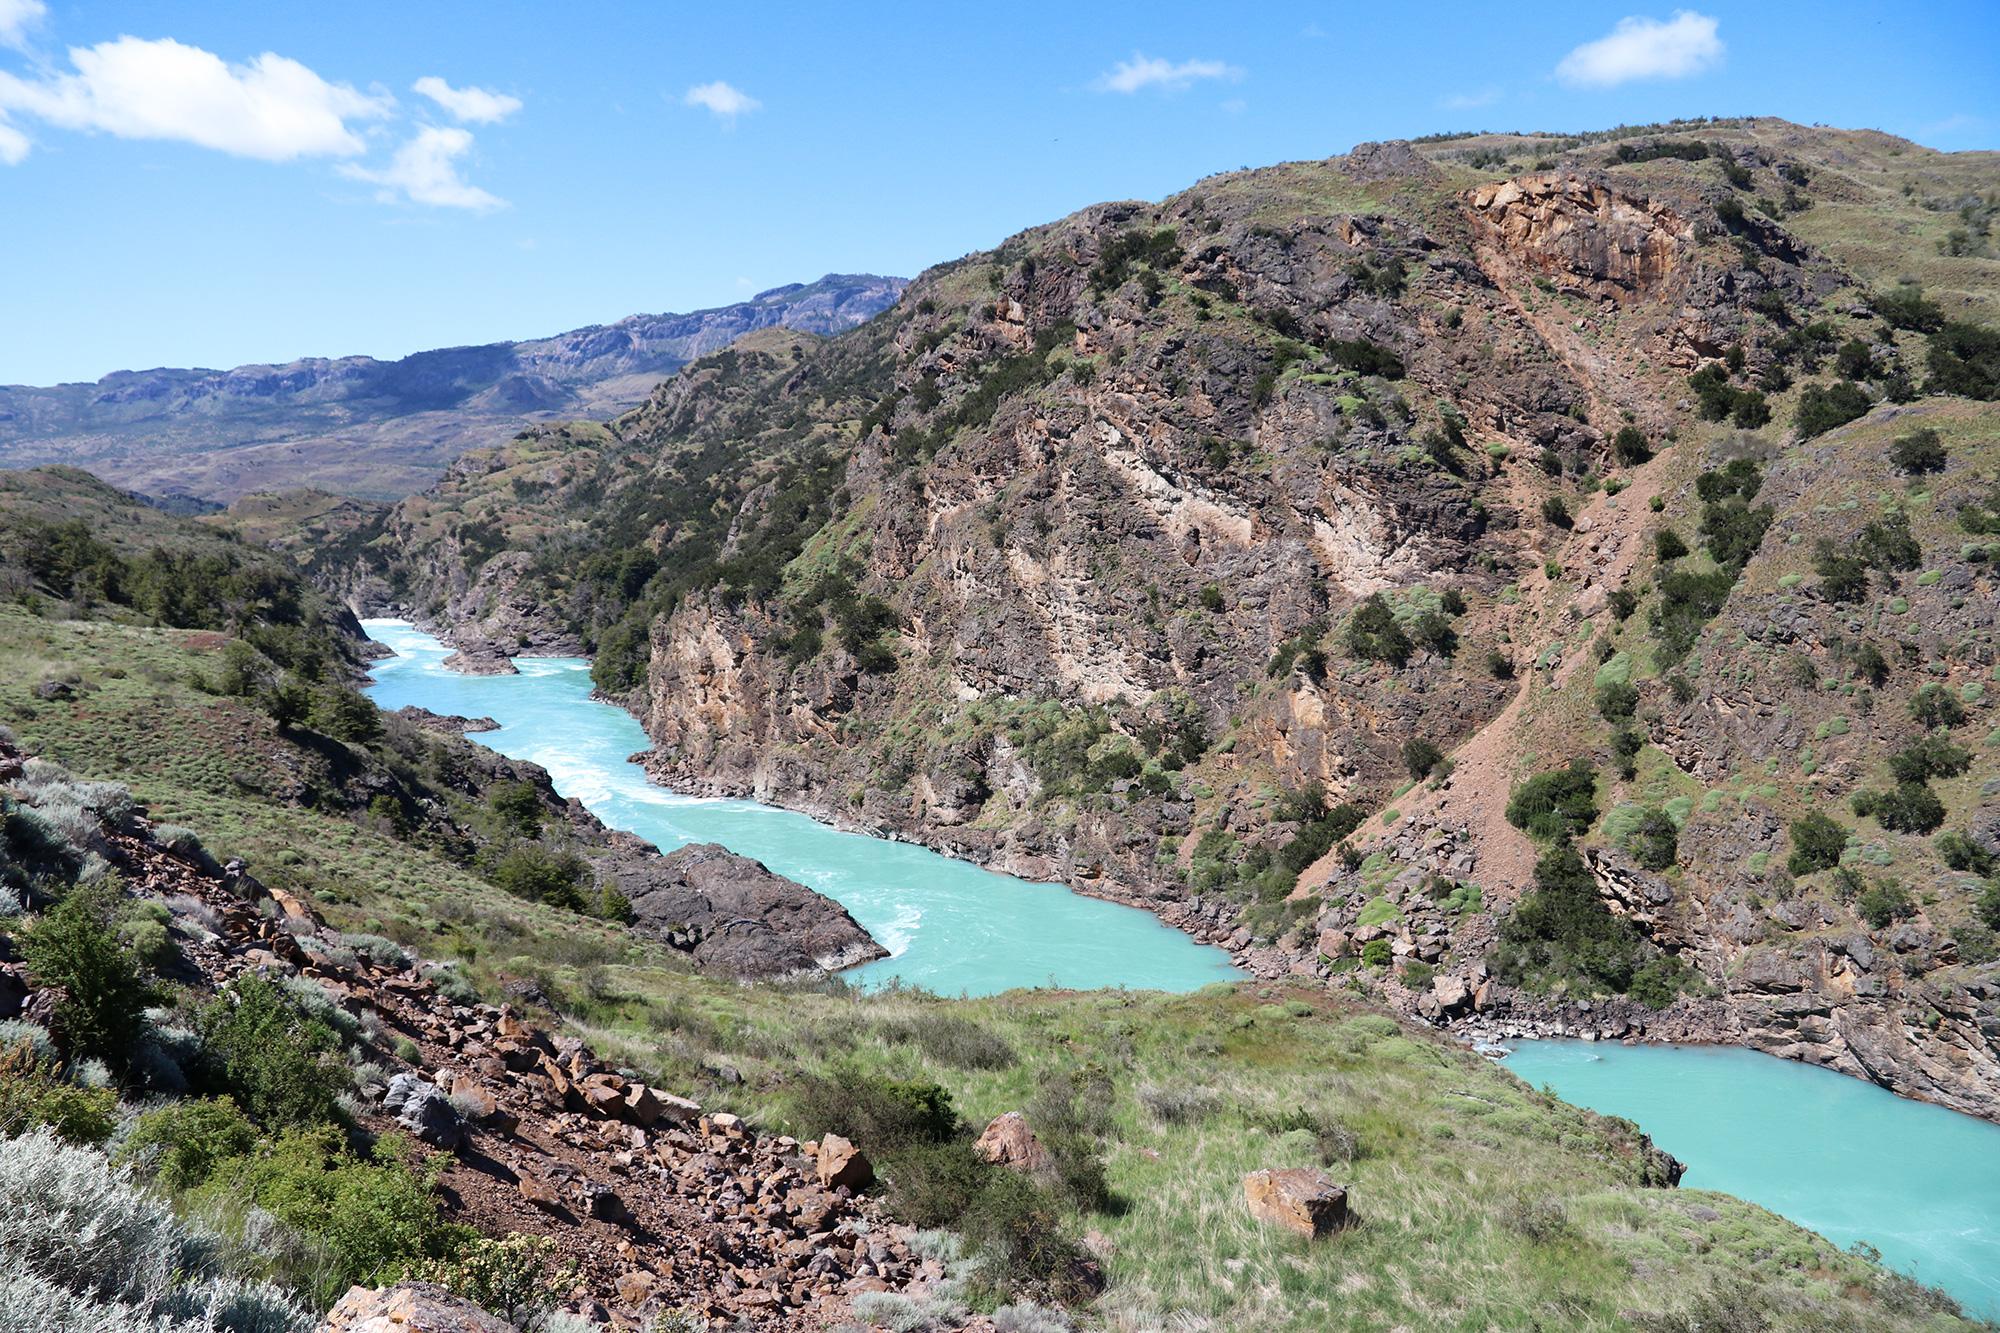 Reisverslag Patagonië - Rio Baker